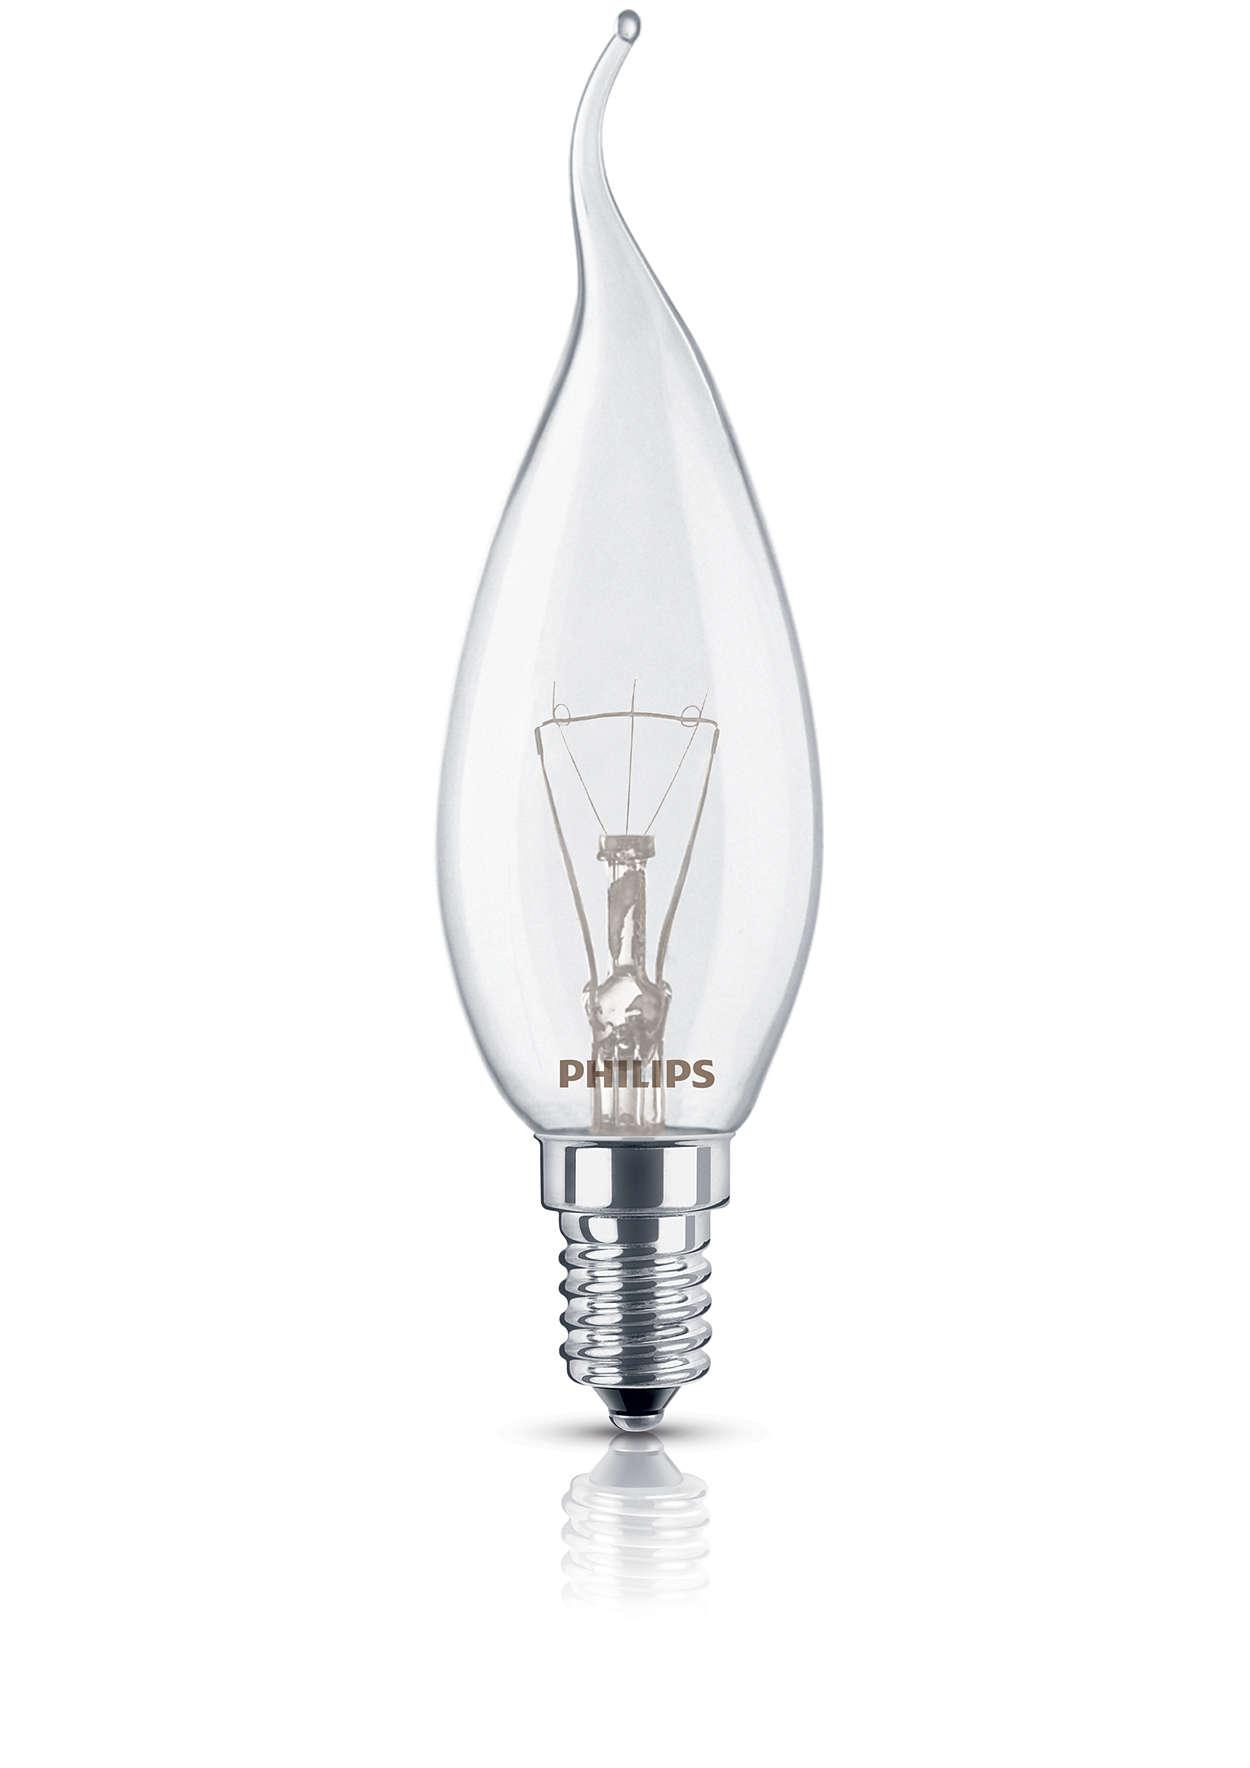 Lumini decorative confortabile